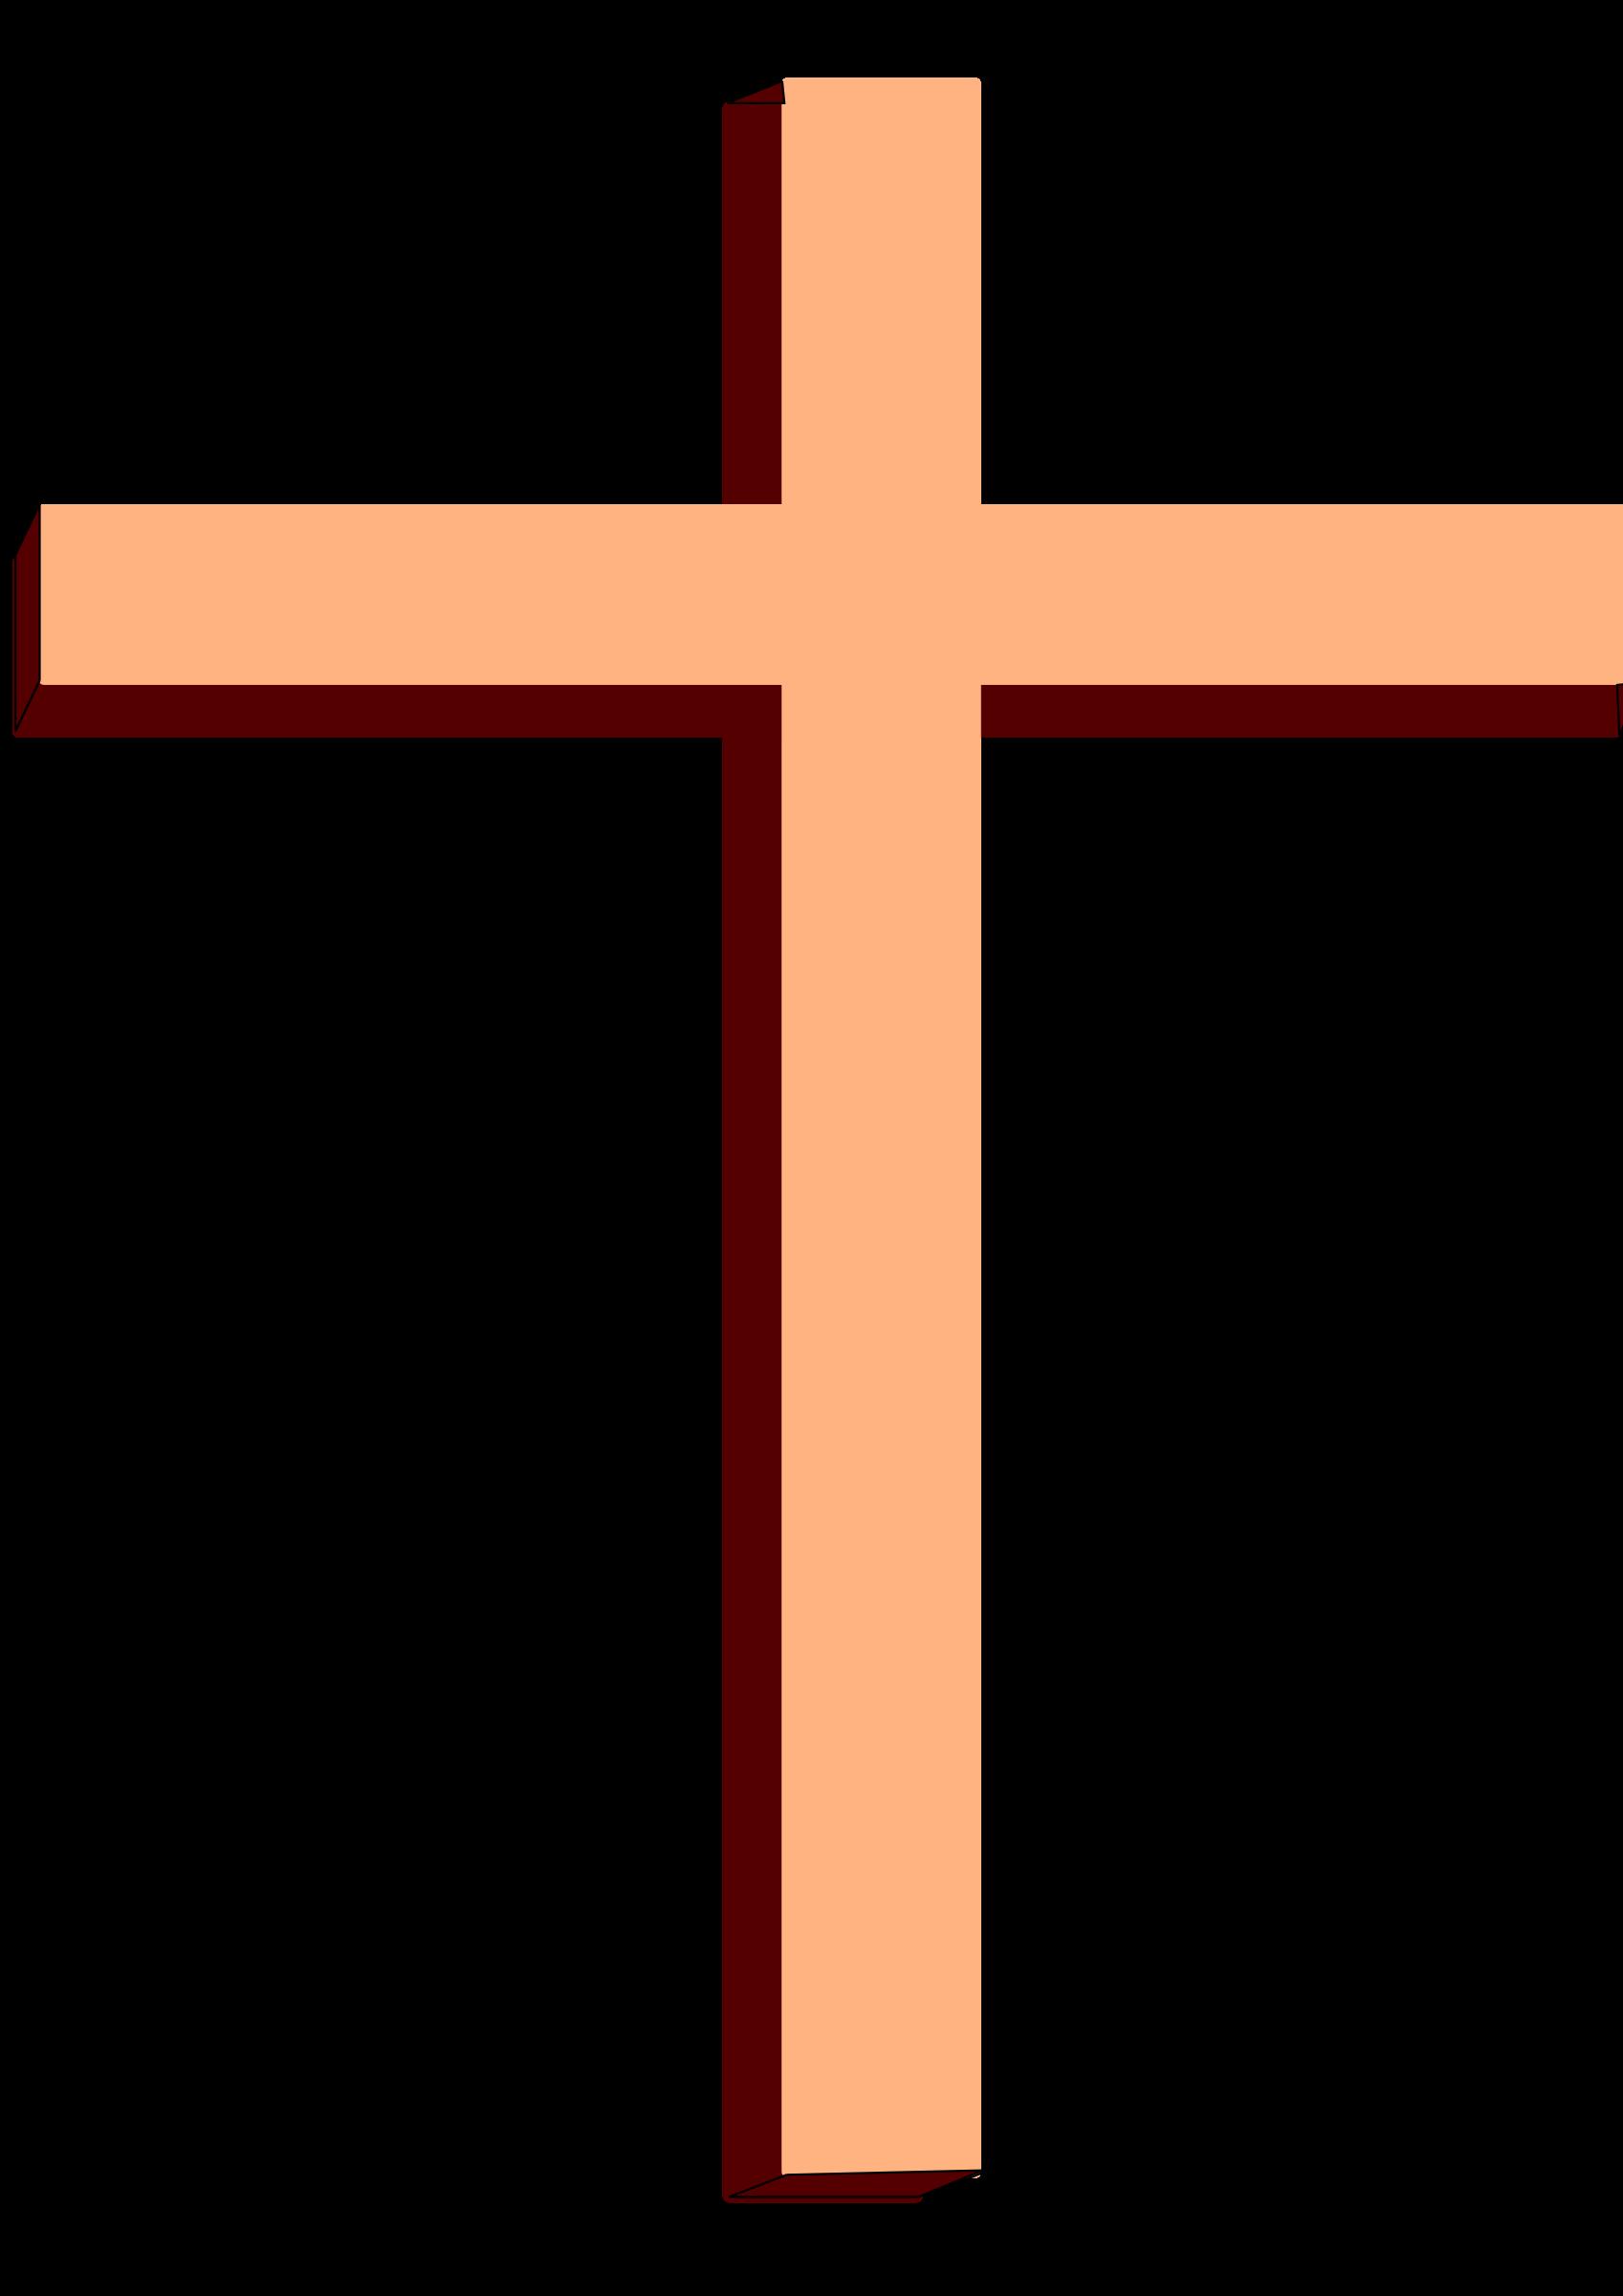 Crucifix clipart cruz. Big image png